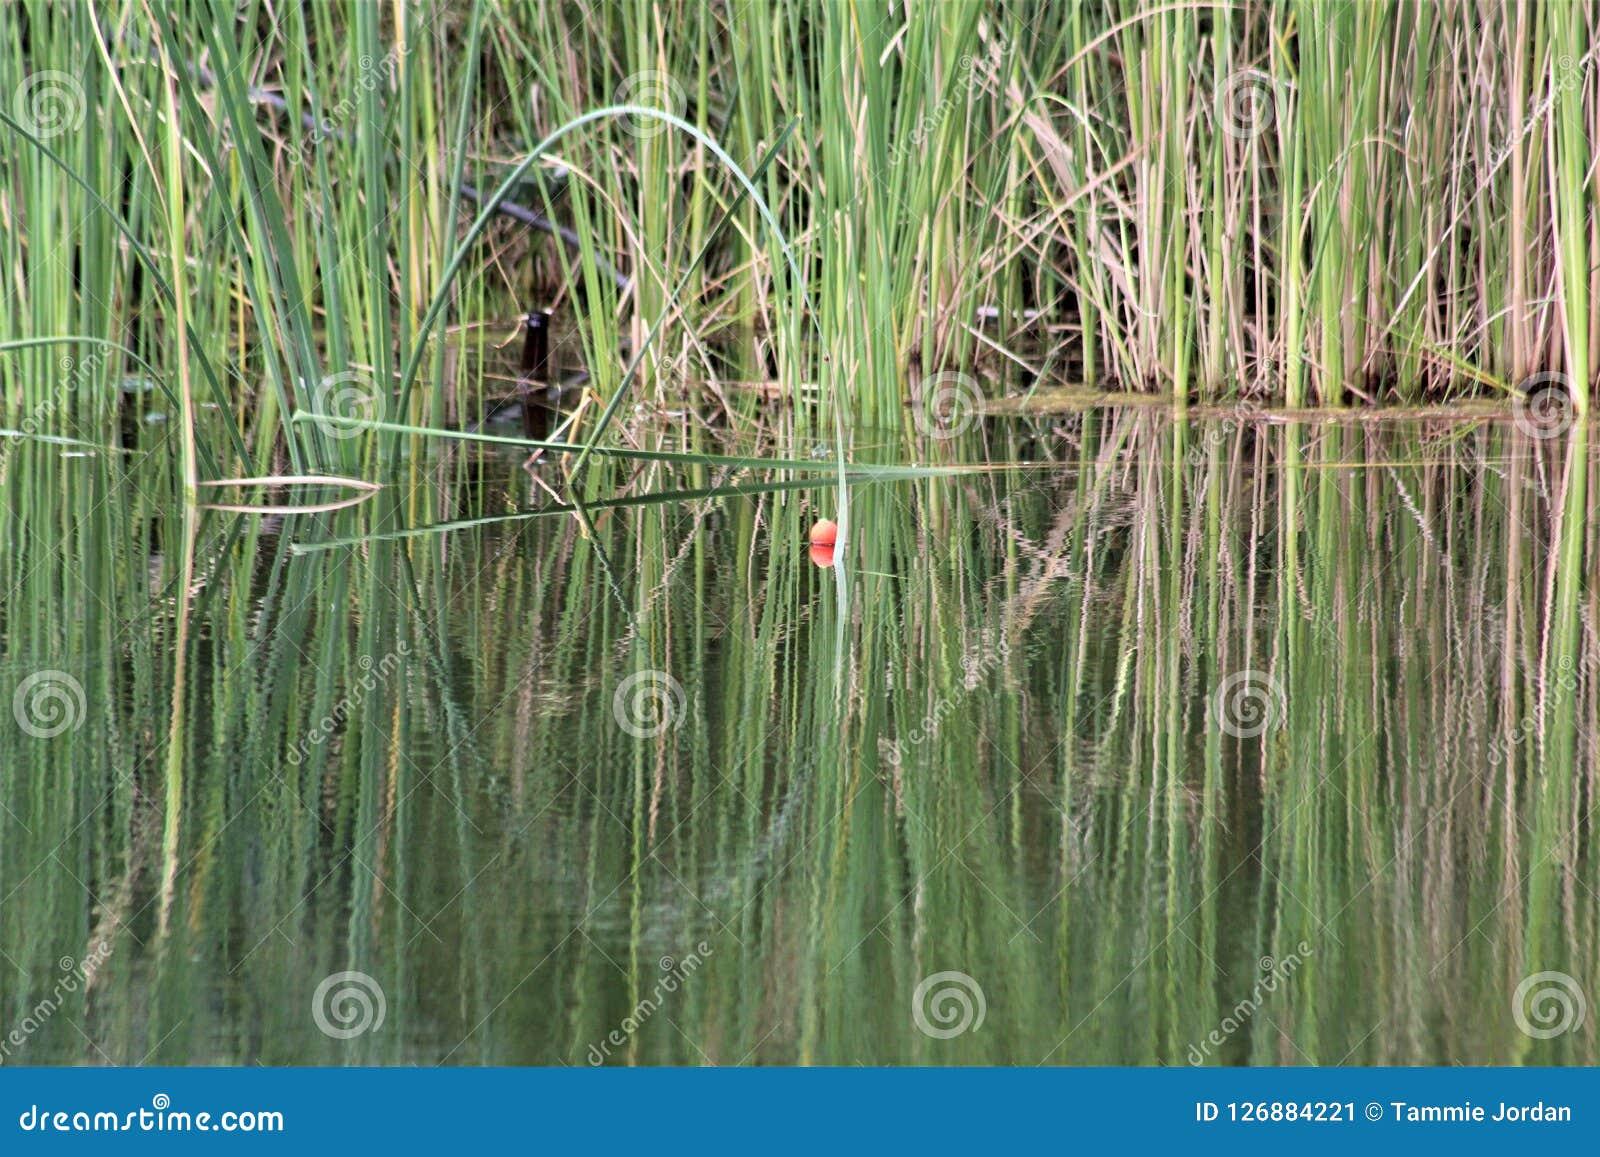 Vergeten Visserij Bobber in de Grassen